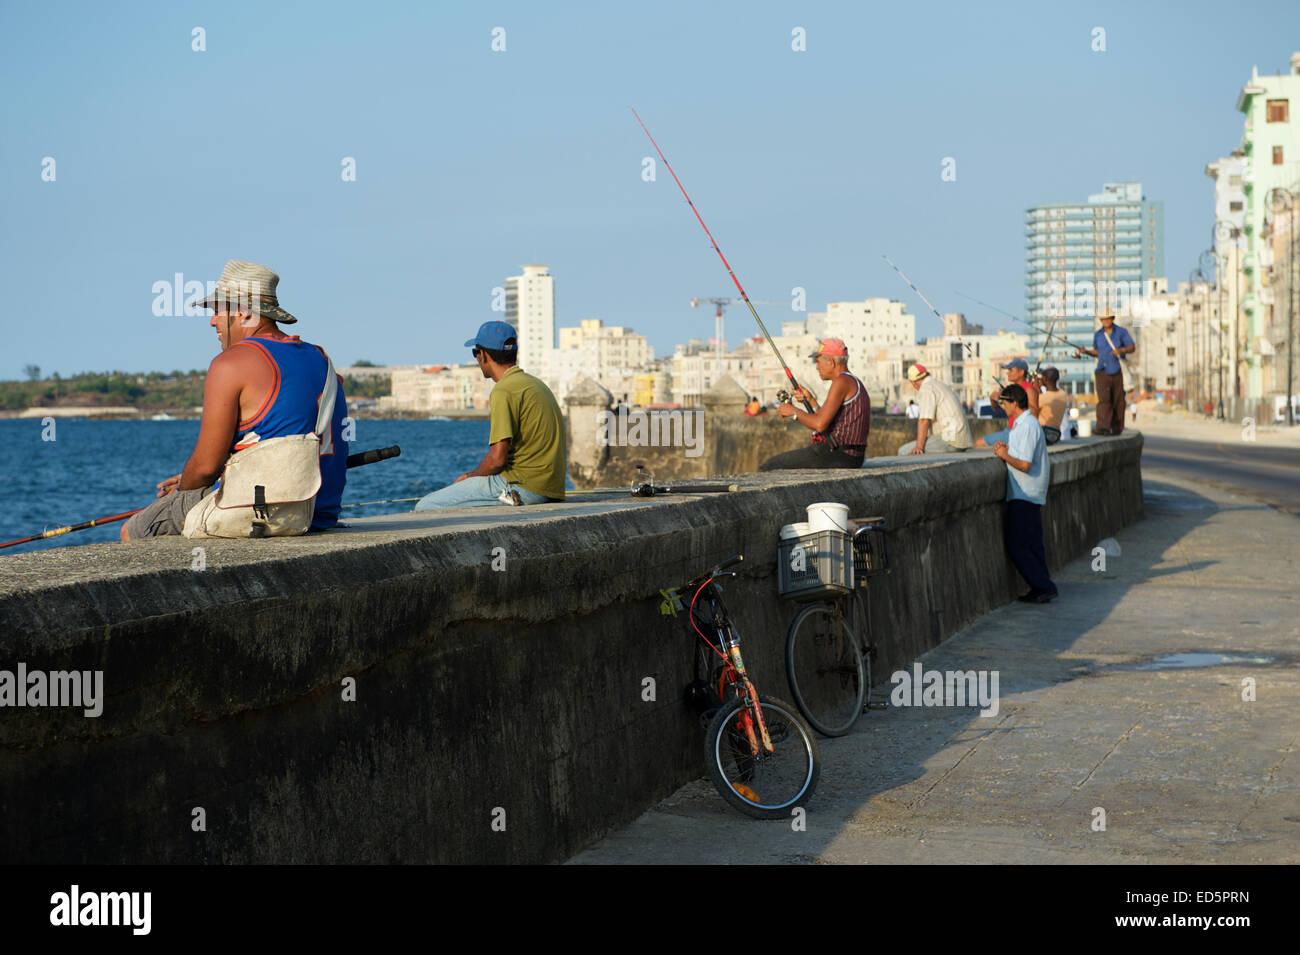 Havanna, Kuba - 23. Mai 2011: Kubaner sammeln, um Fisch und knüpfen an die Wand des Malecon, ein beliebter Stockbild